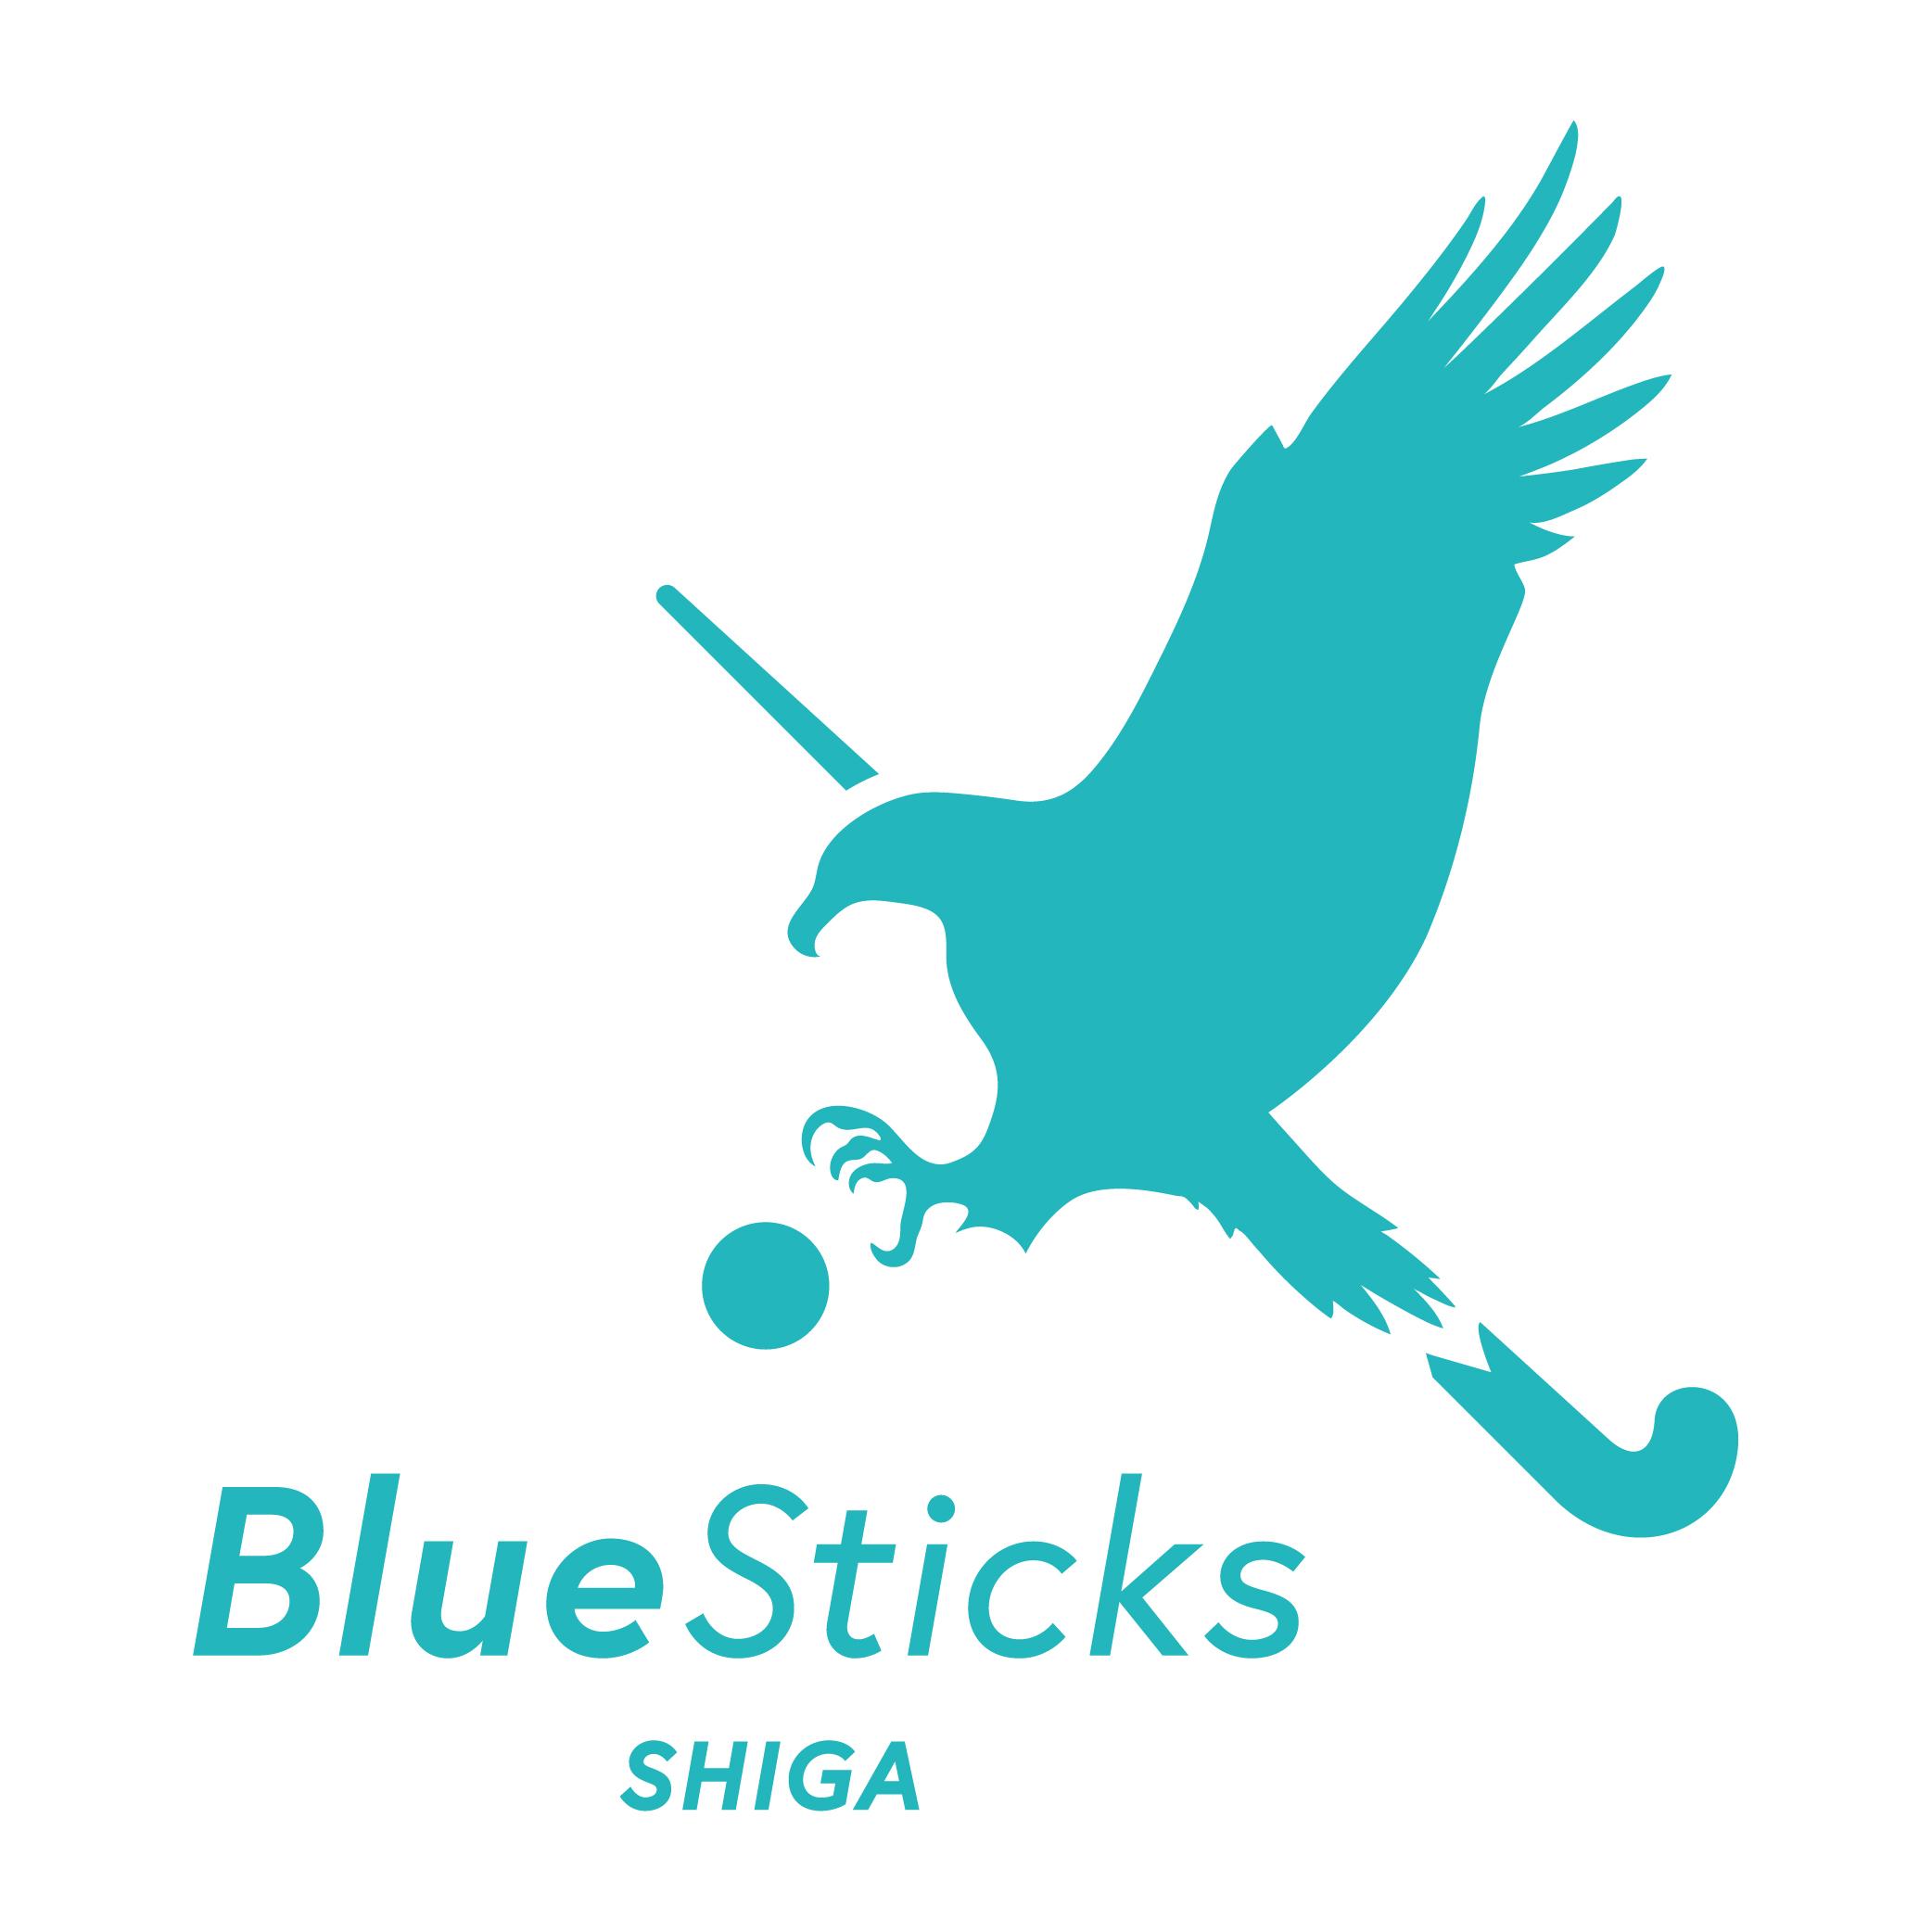 BlueSticks SHIGA